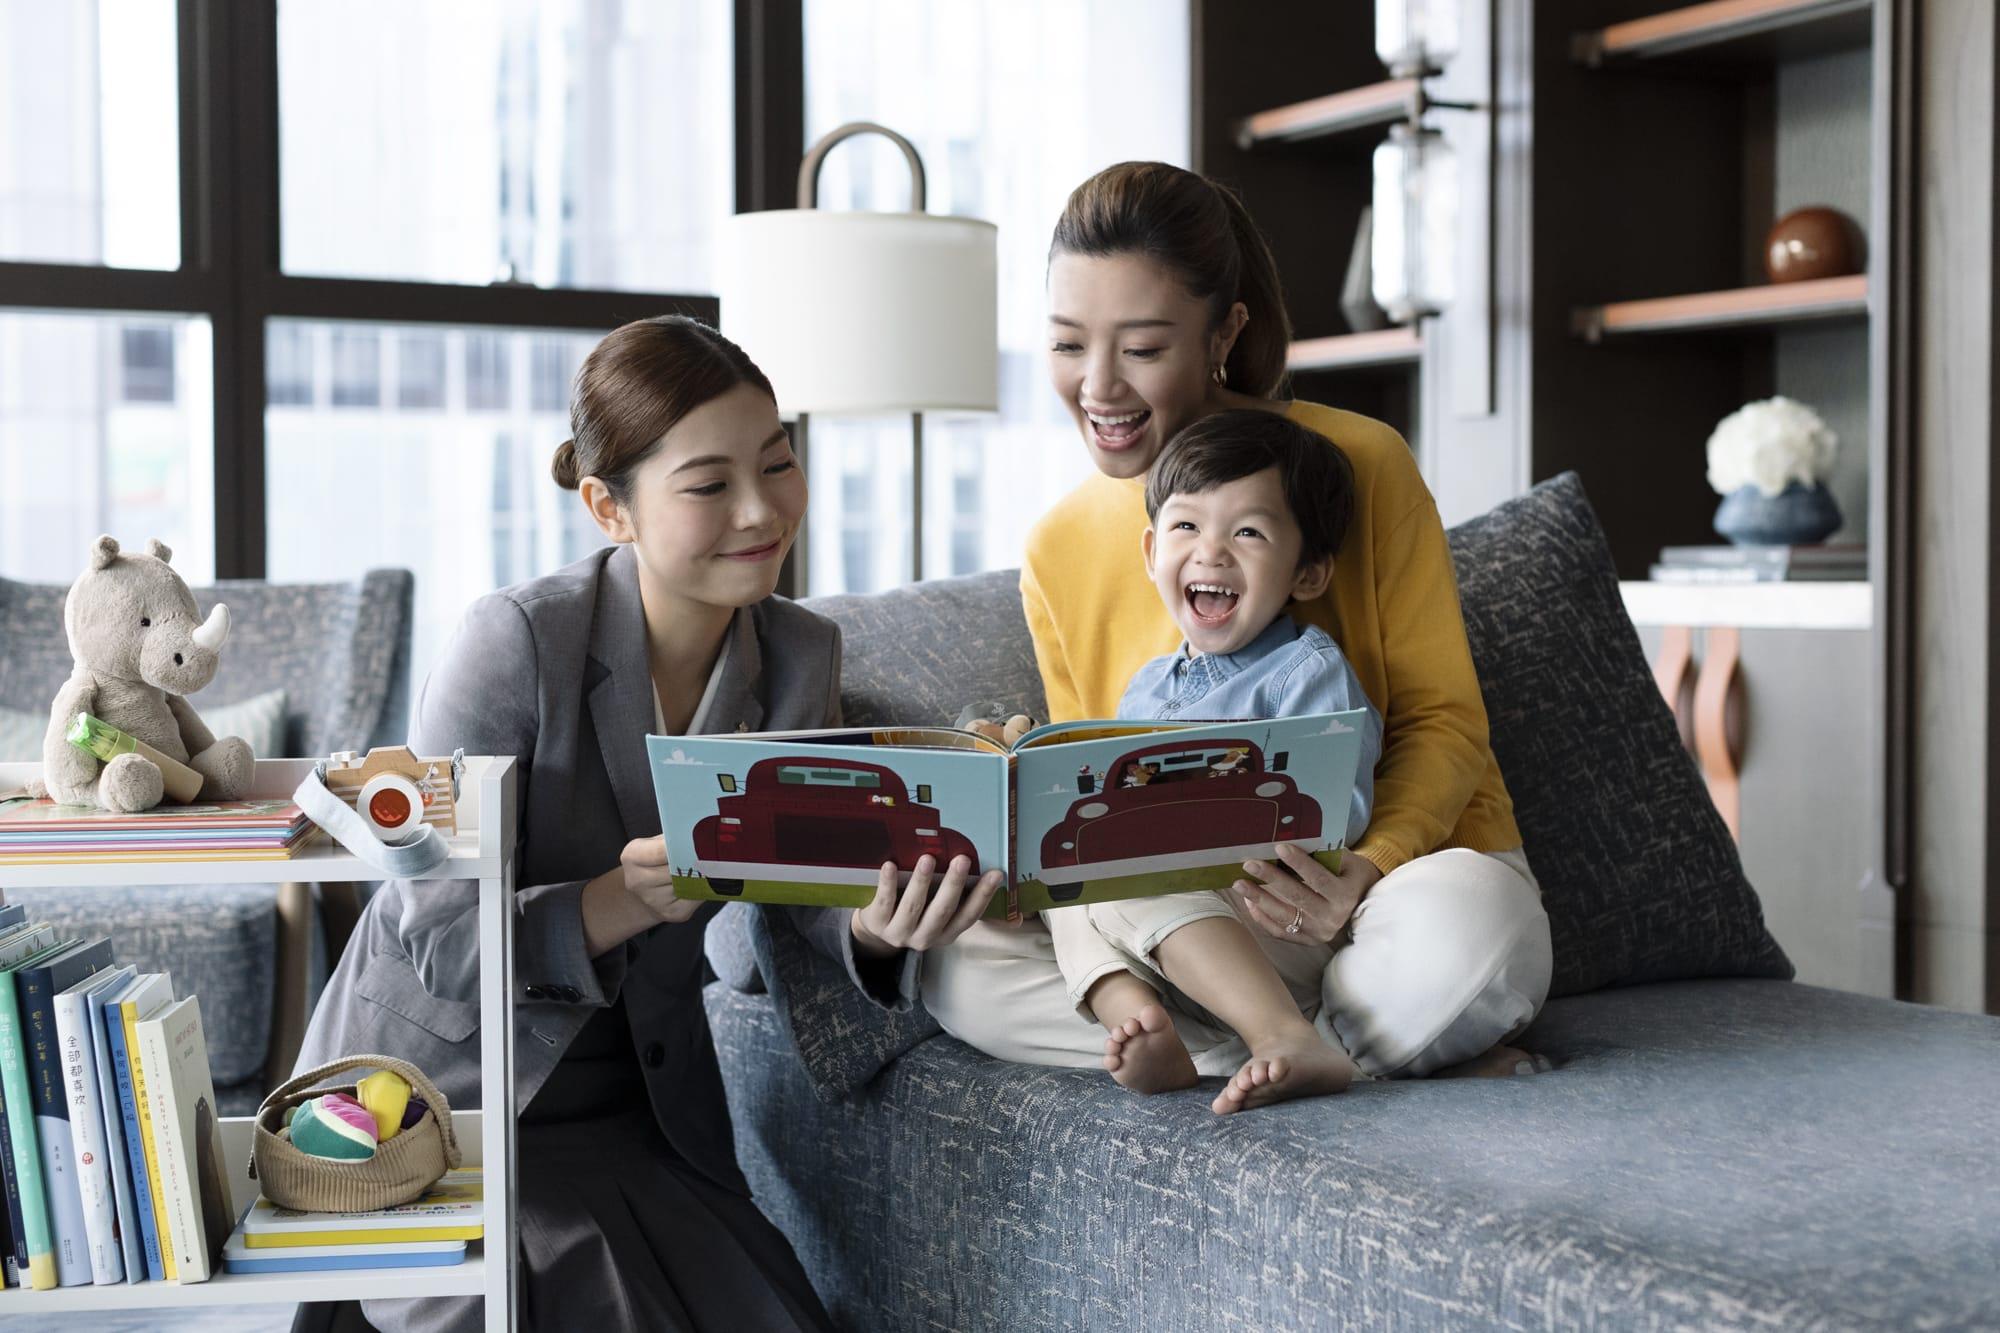 不同凡響的住宿體驗 澳門瑞吉酒店一次滿足全家人的需求